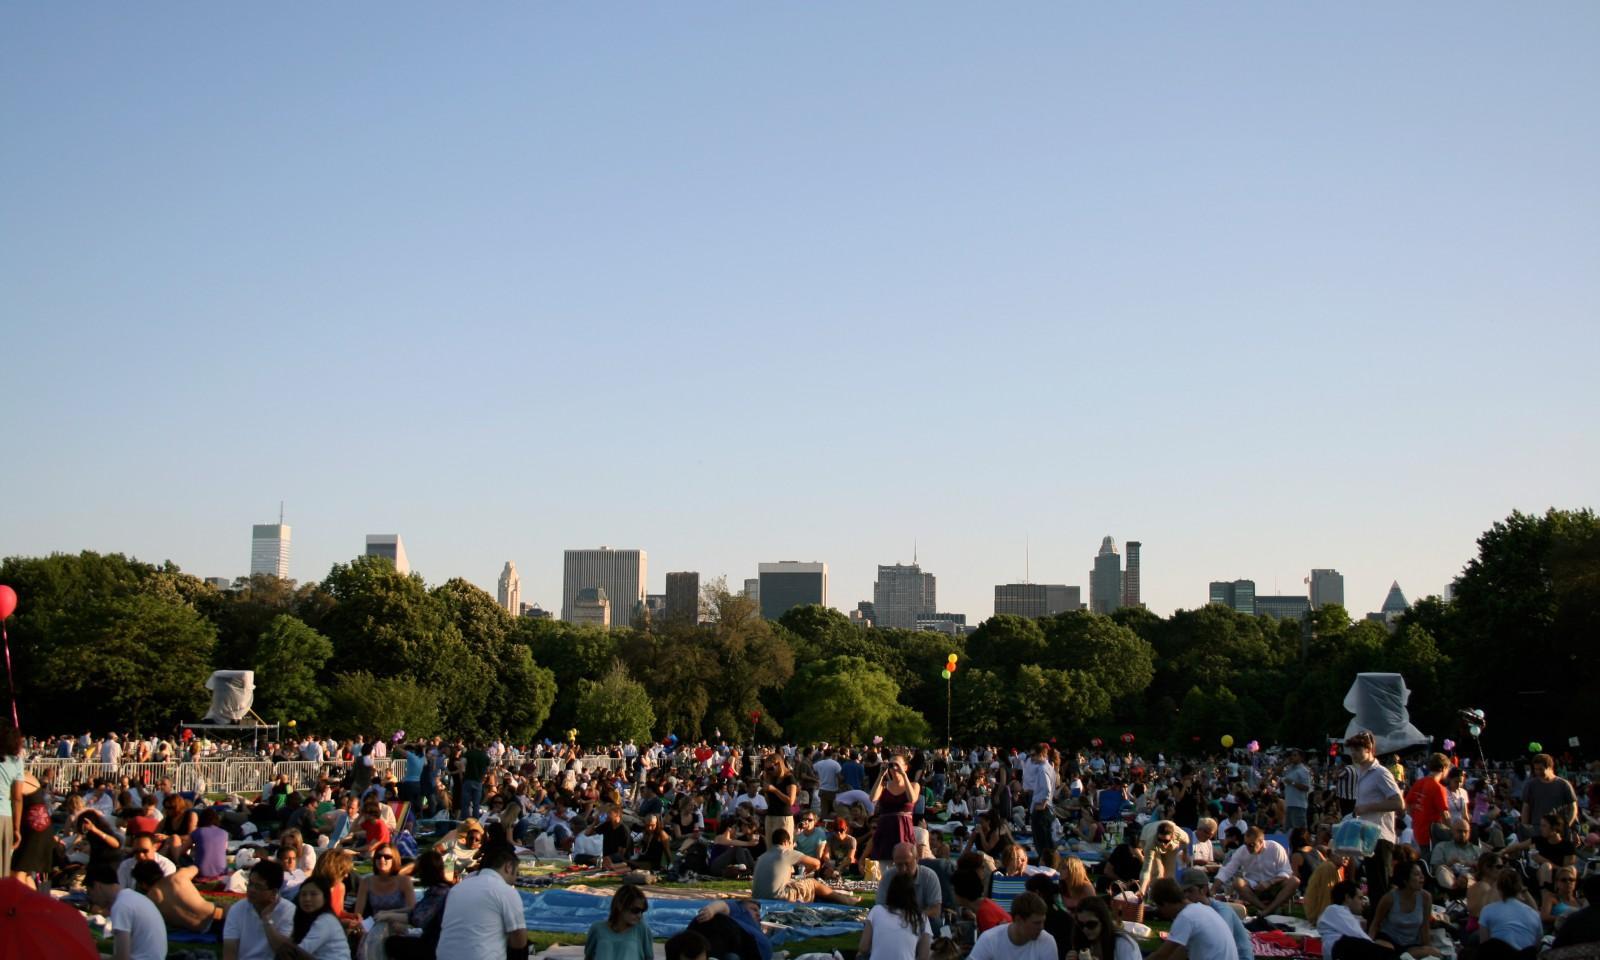 Conciertos en Central Park